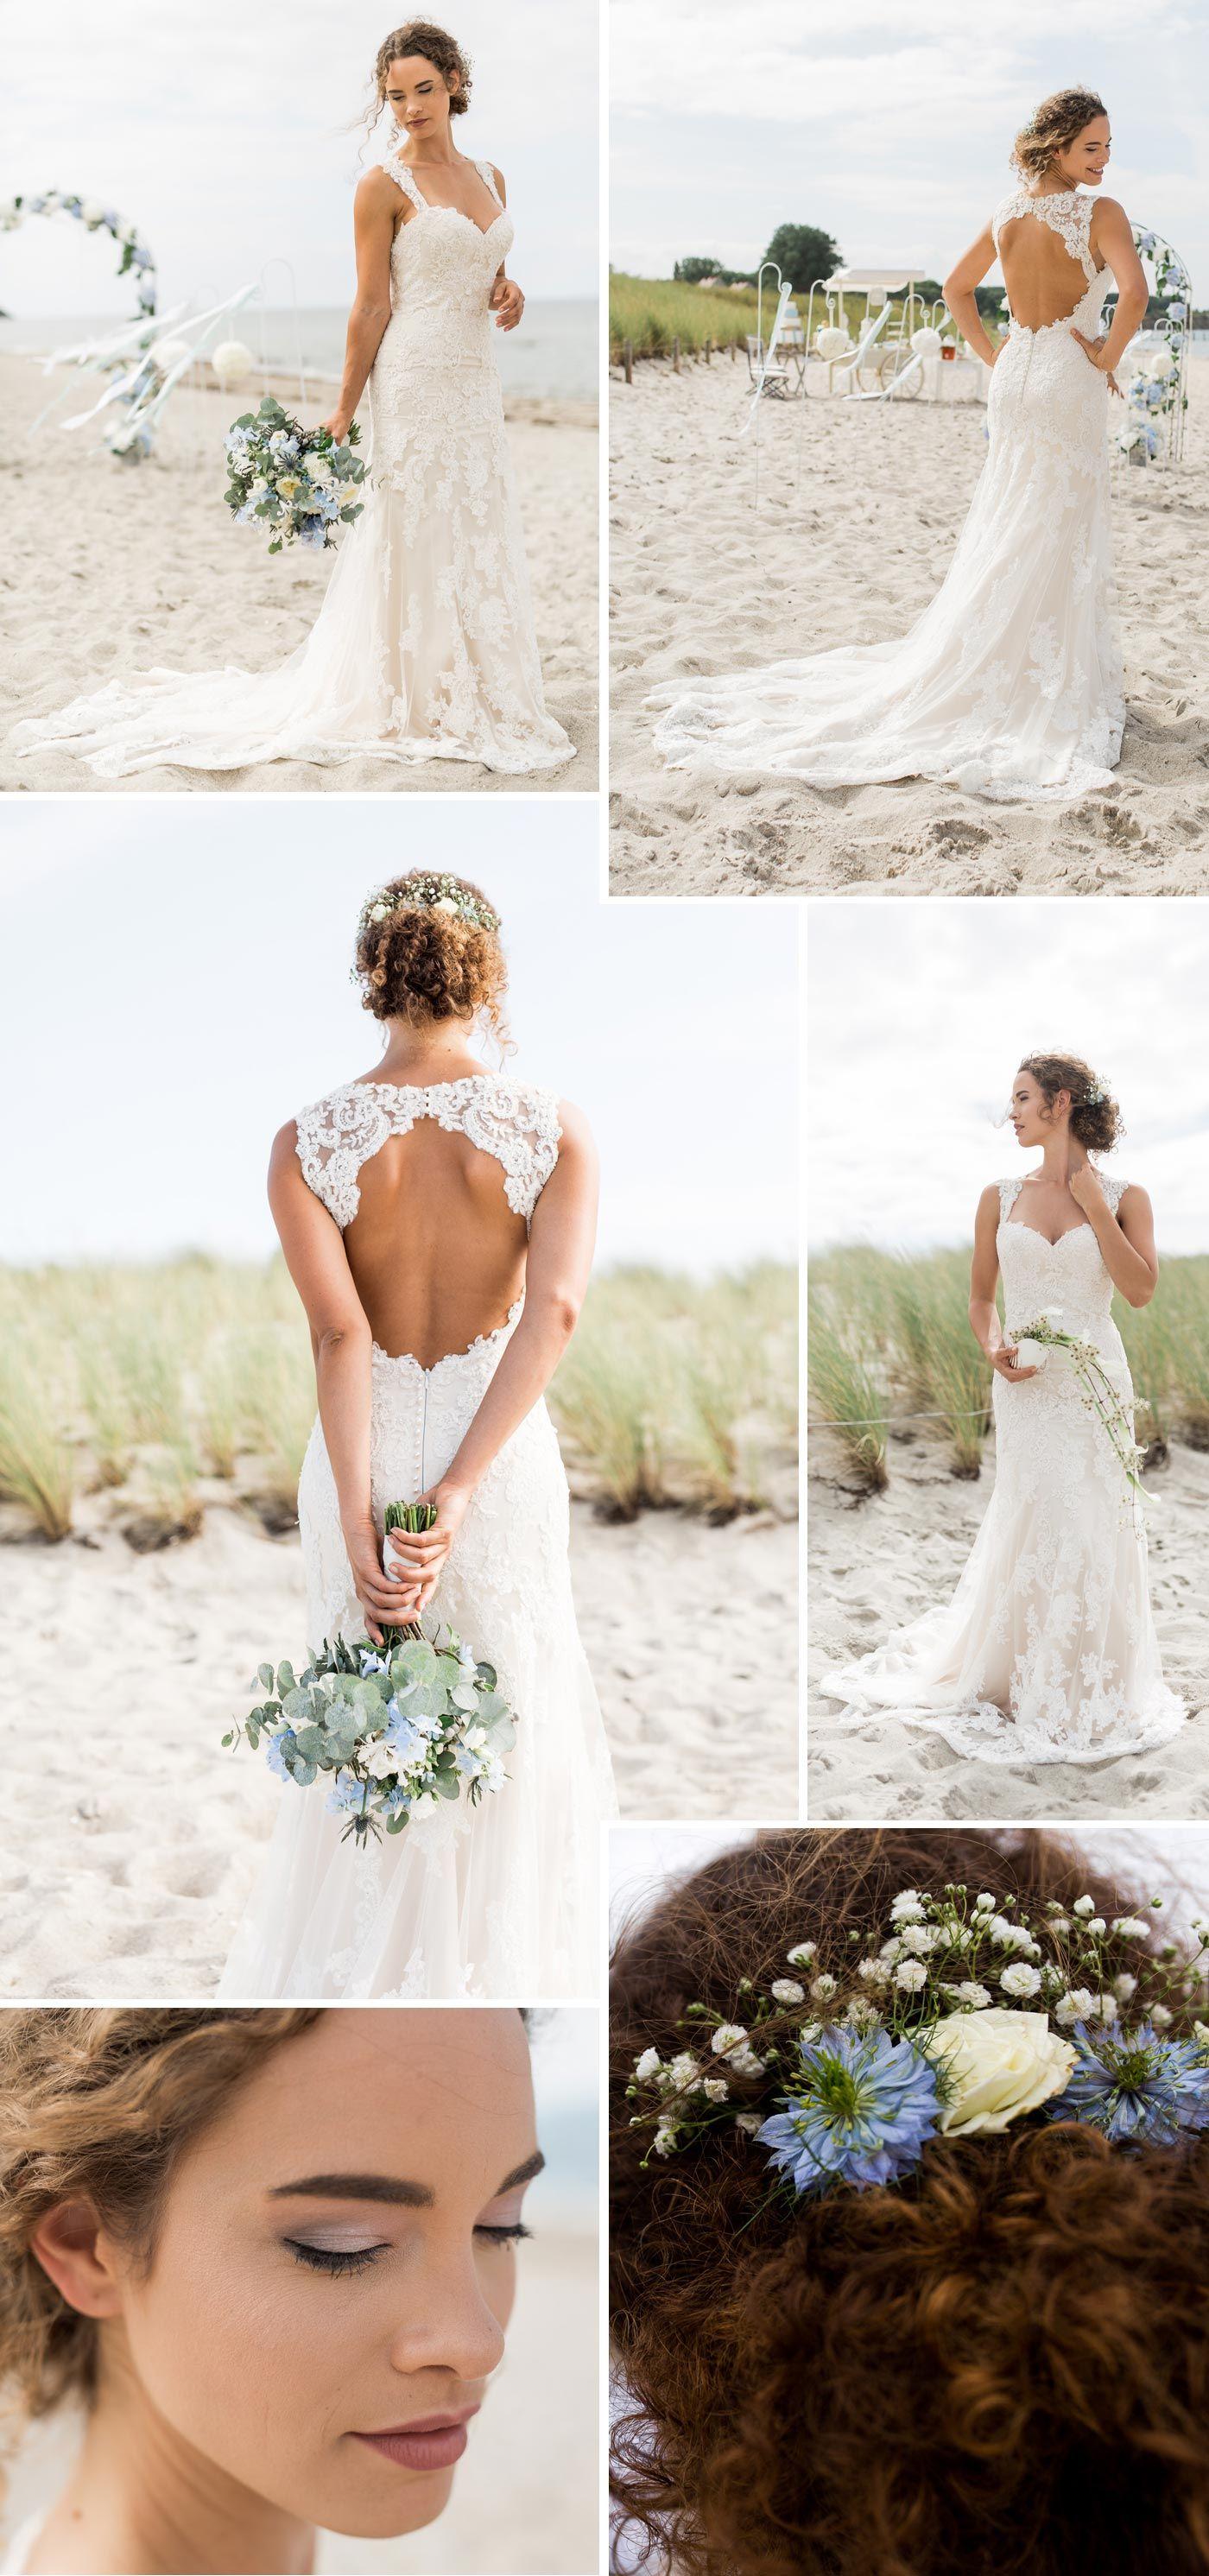 Heiraten an der Ostsee | Pinterest | Ostsee, Die hochzeit und Maritim